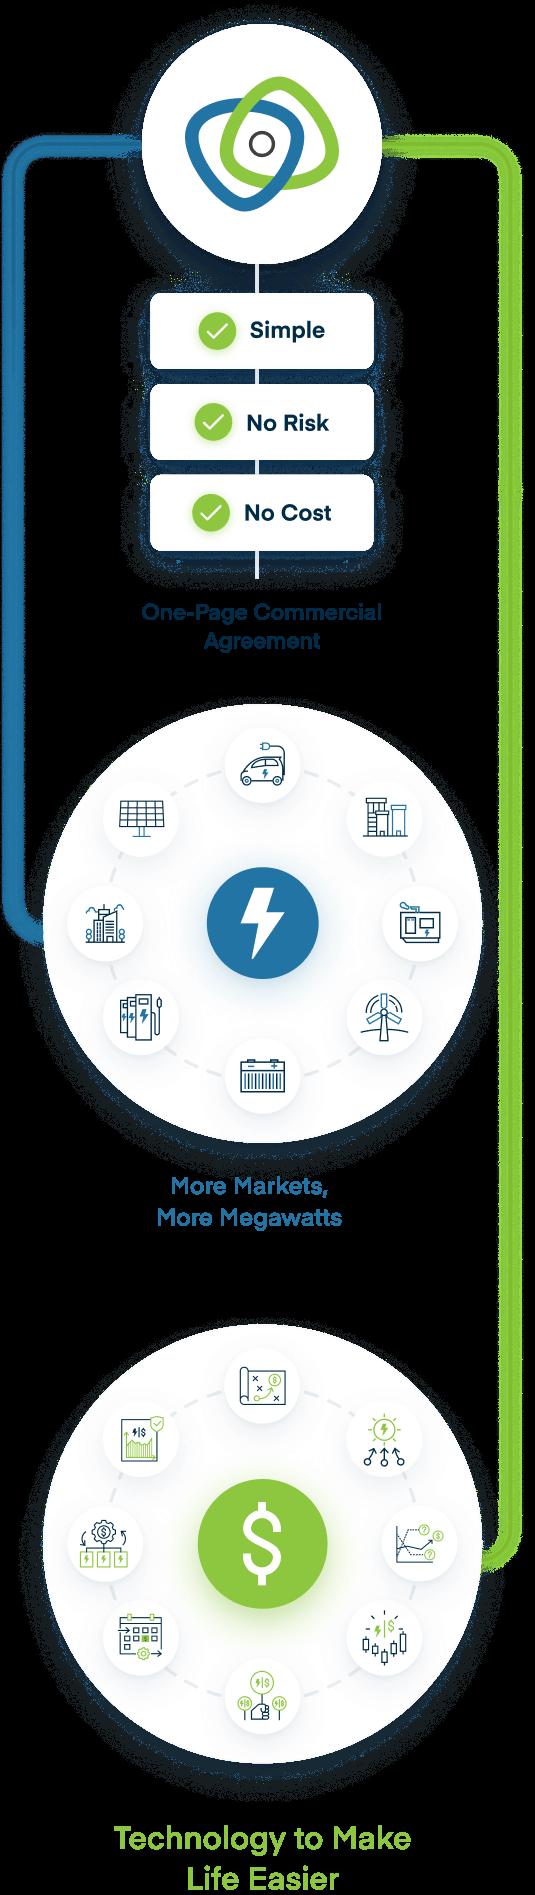 Voltus - Better Energy, More Cash